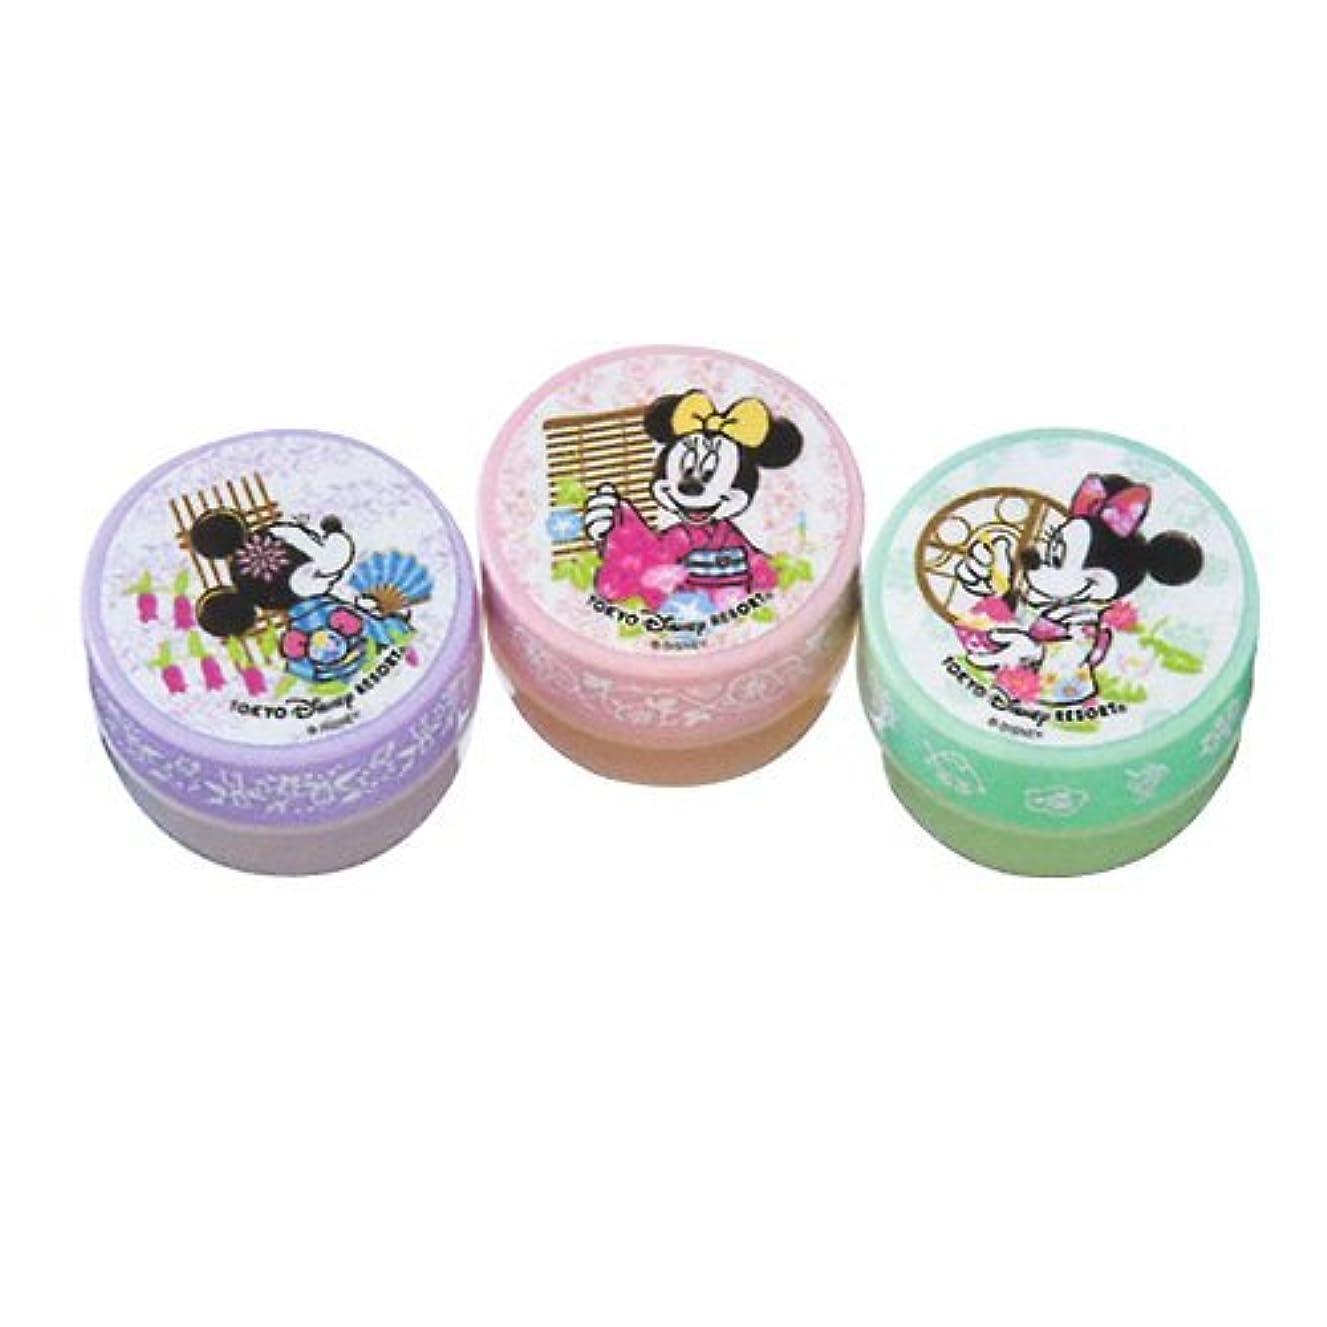 雨の悪因子リフレッシュミニーマウス ハンドクリームセット 浴衣柄 【東京ディズニーリゾート限定】